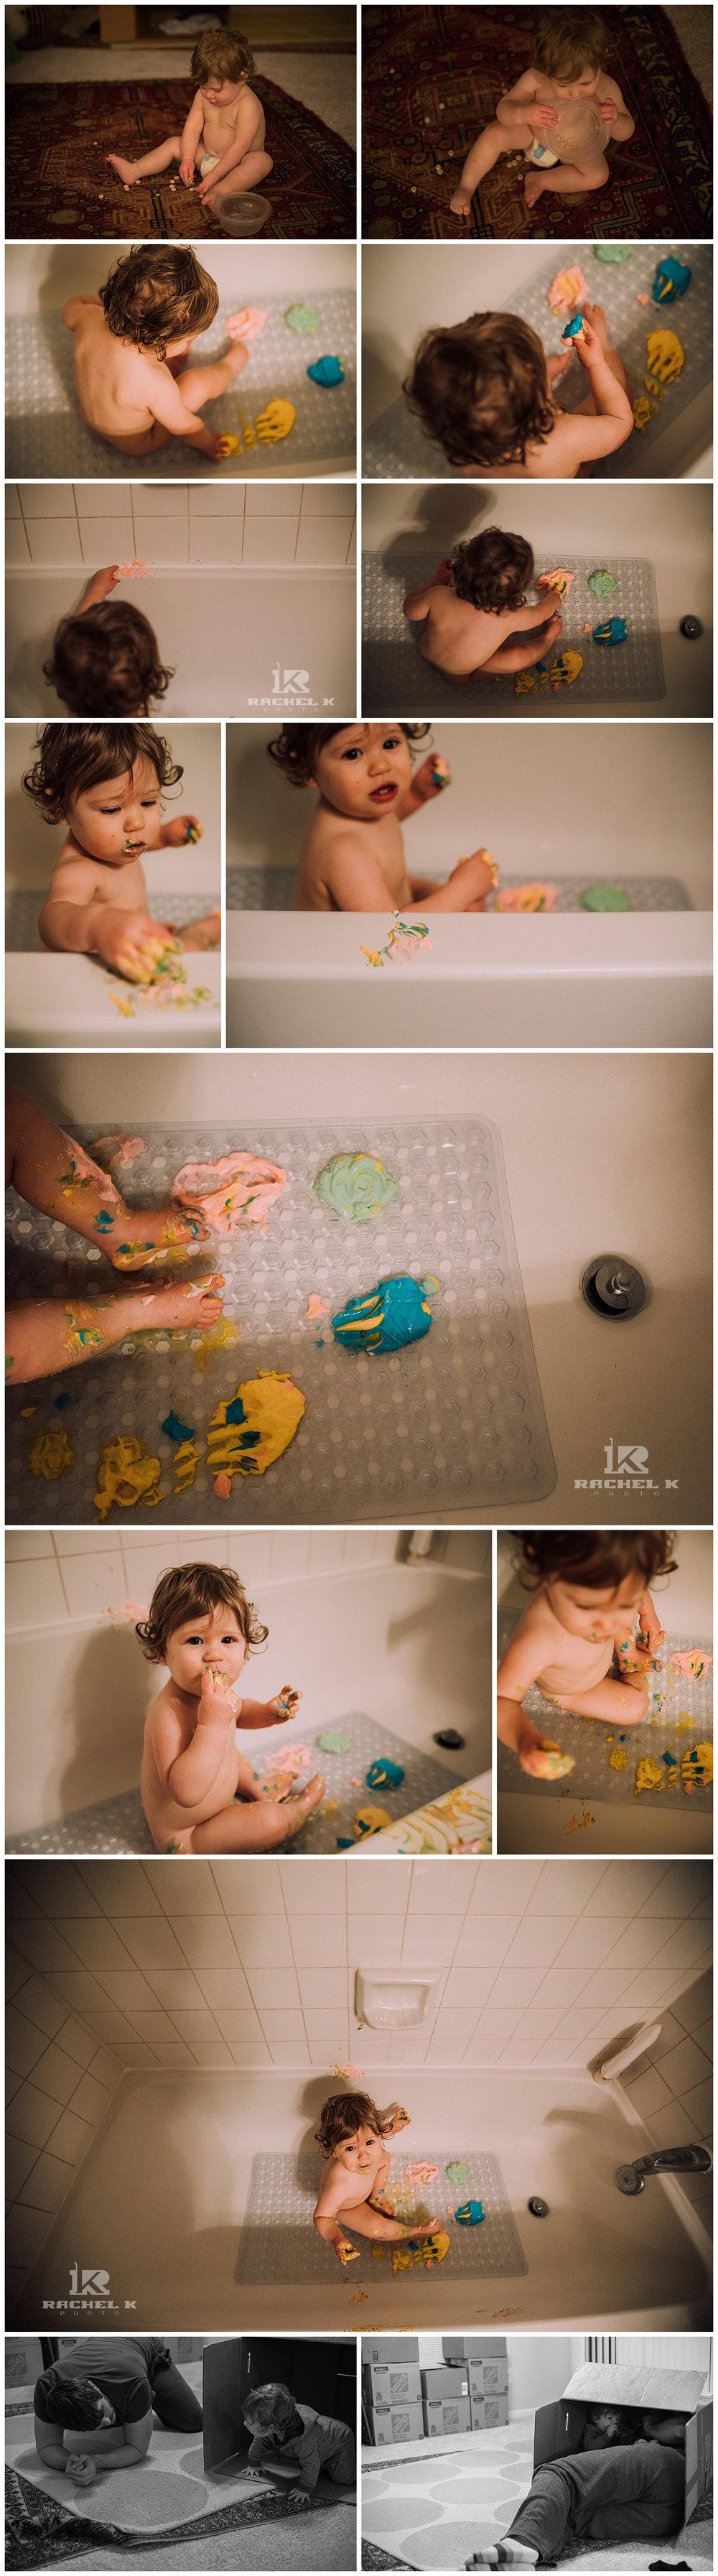 November personal photos for Rachel K Photo